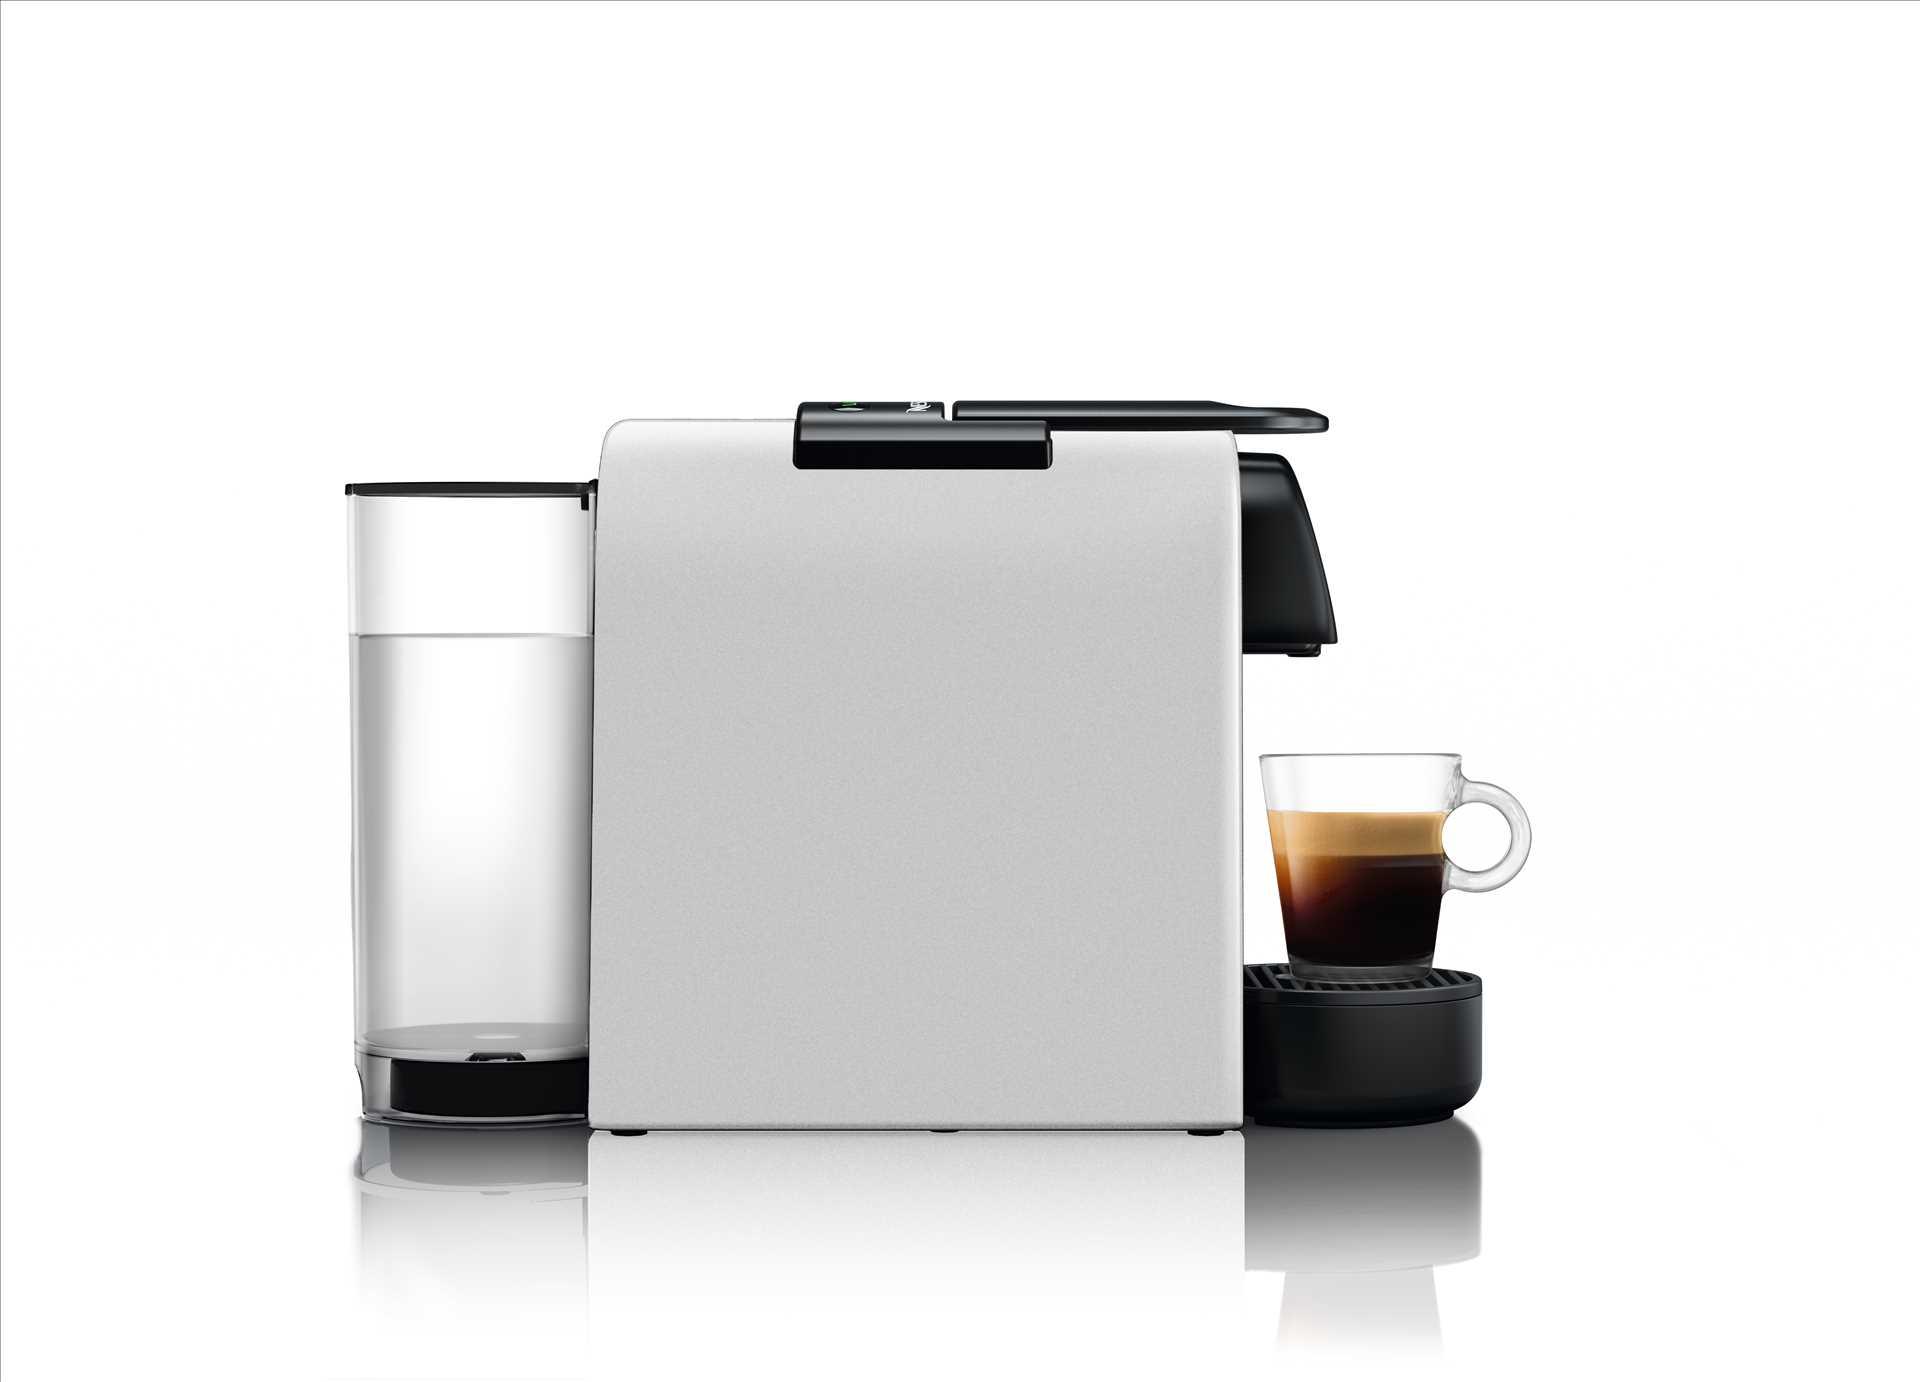 מכונת אספרסו Nespresso Essenza Mini D30 נספרסו בגוון כסוף מט (מהדורה מוגבלת) כולל מקציף חלב ארוצ'ינו - תמונה 2